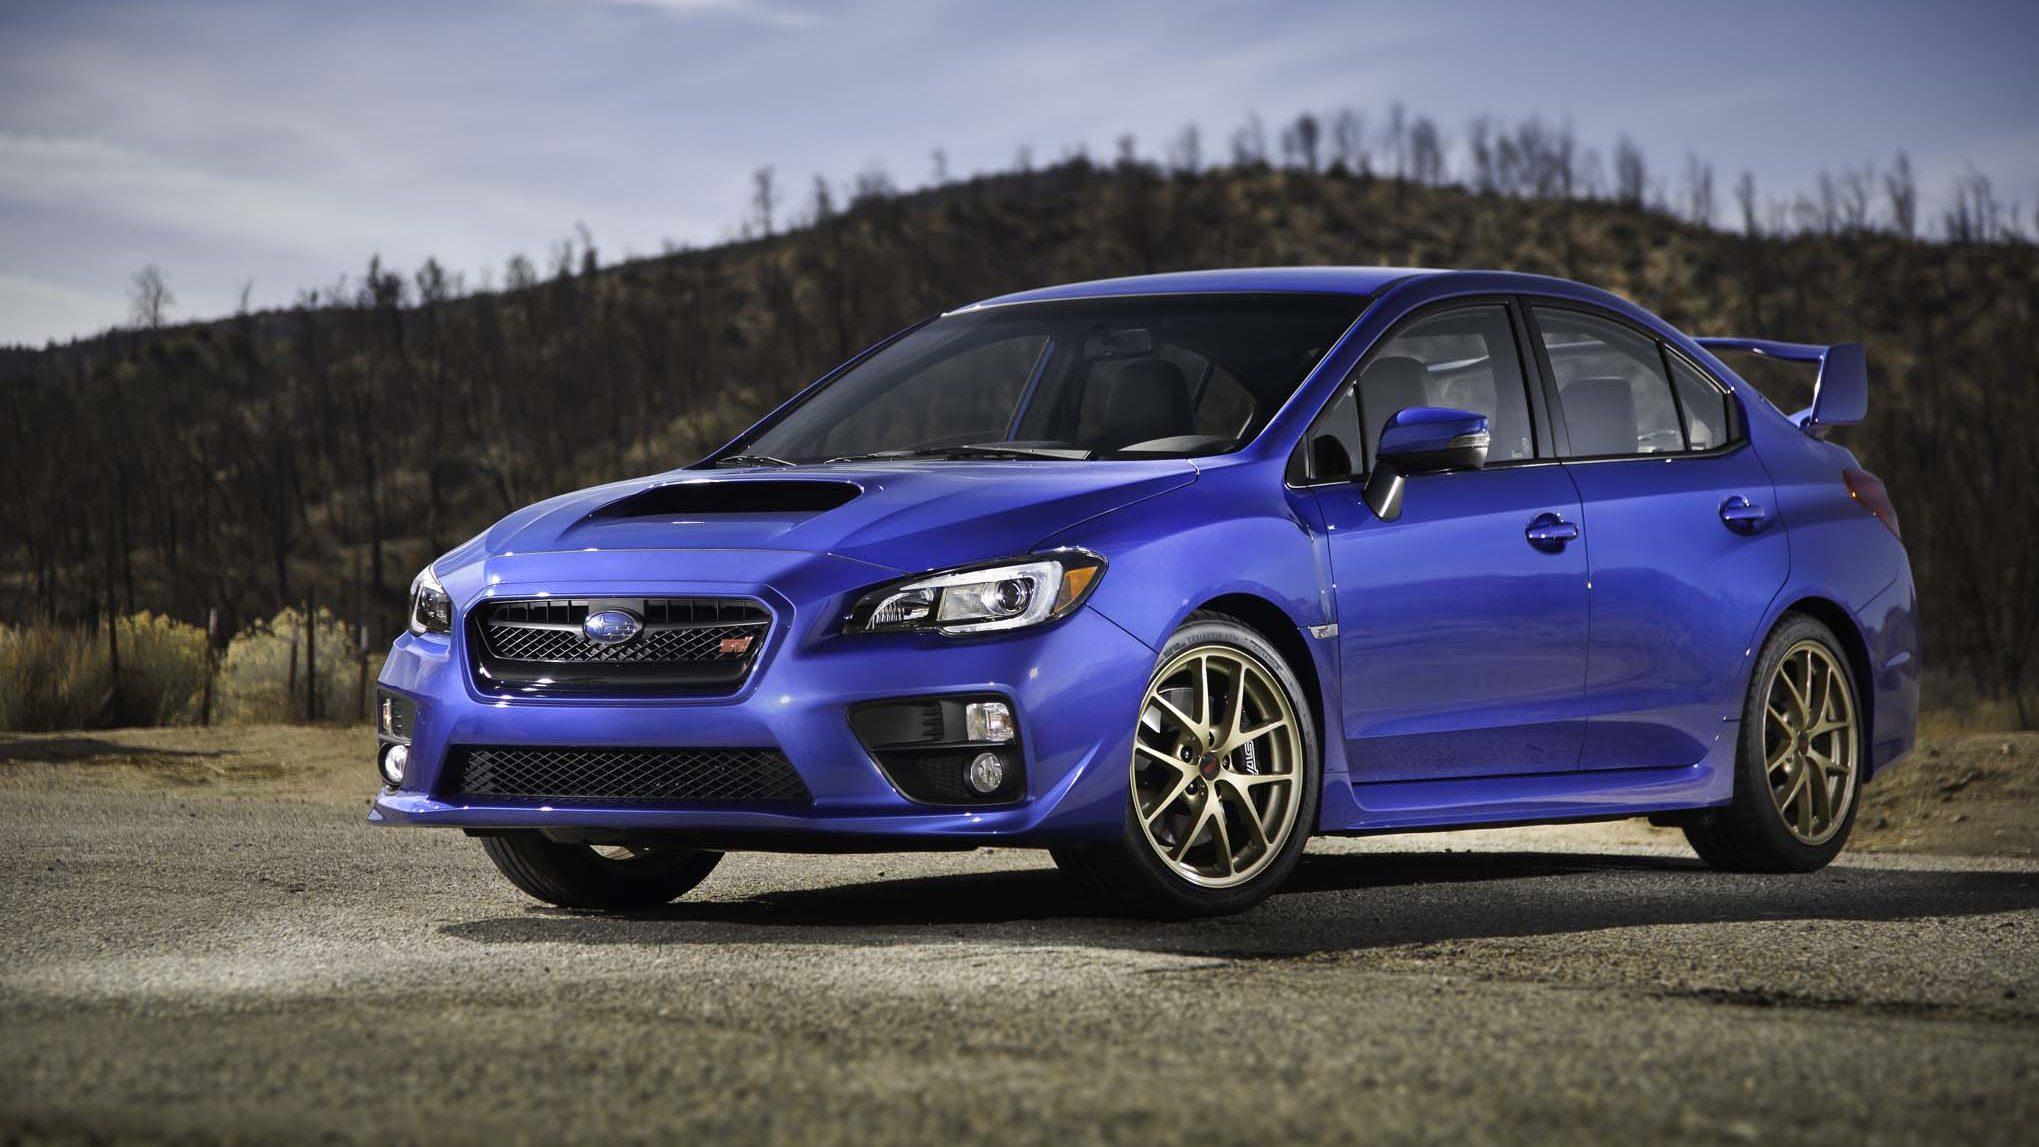 Subaru elettrificate, da due a... tutte. Entro il 2035 solo ibride o elettriche thumbnail